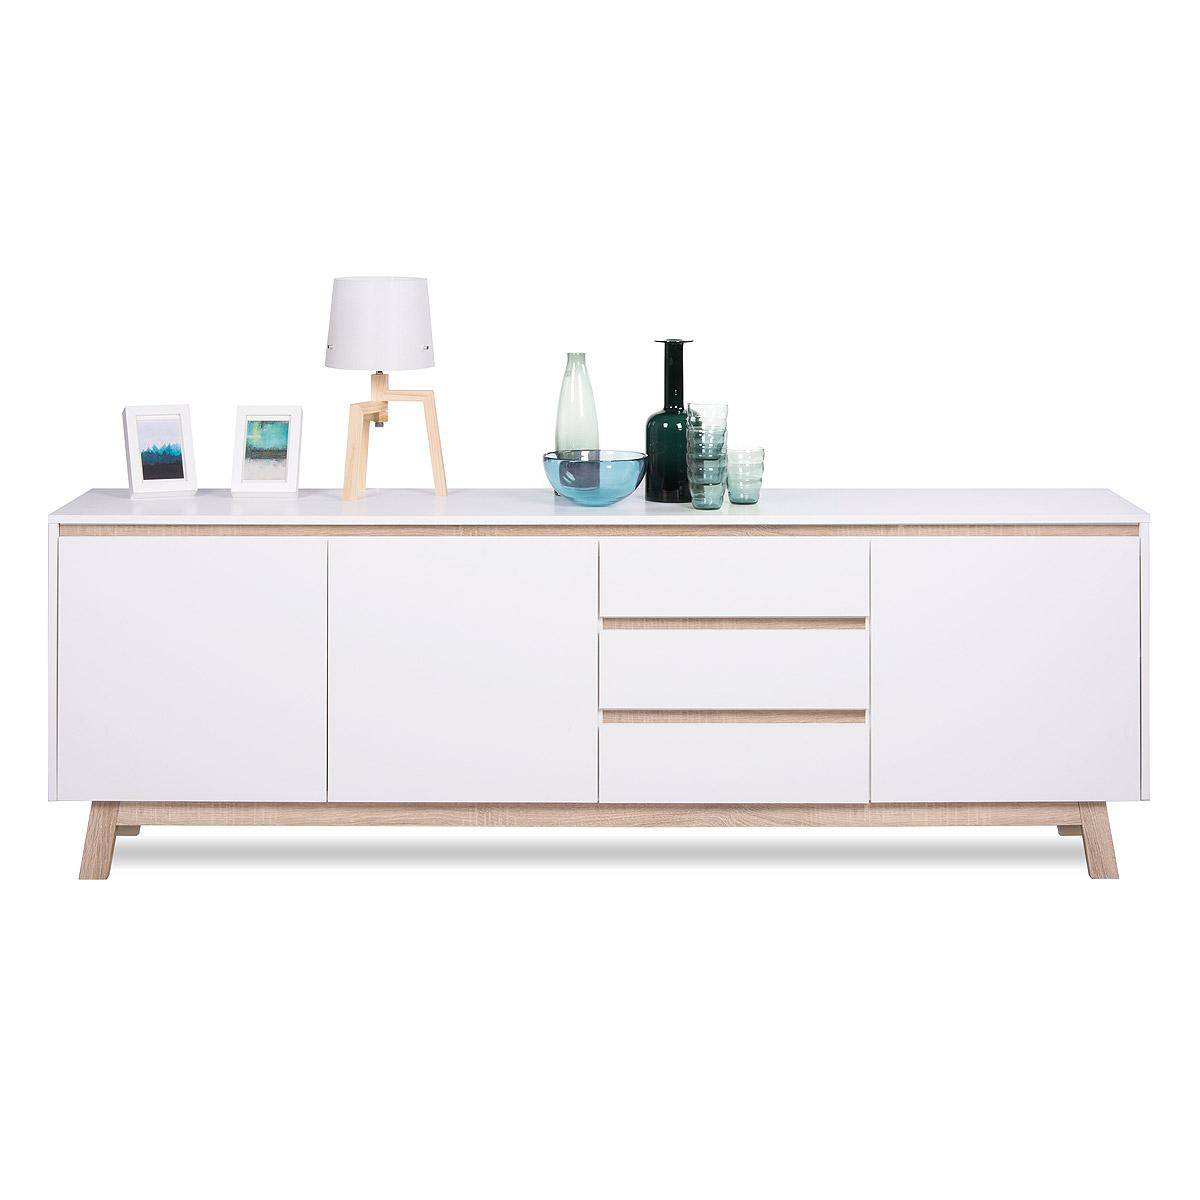 sideboard apart 3 kommode anrichte in wei und sonoma eiche breite 200cm ebay. Black Bedroom Furniture Sets. Home Design Ideas